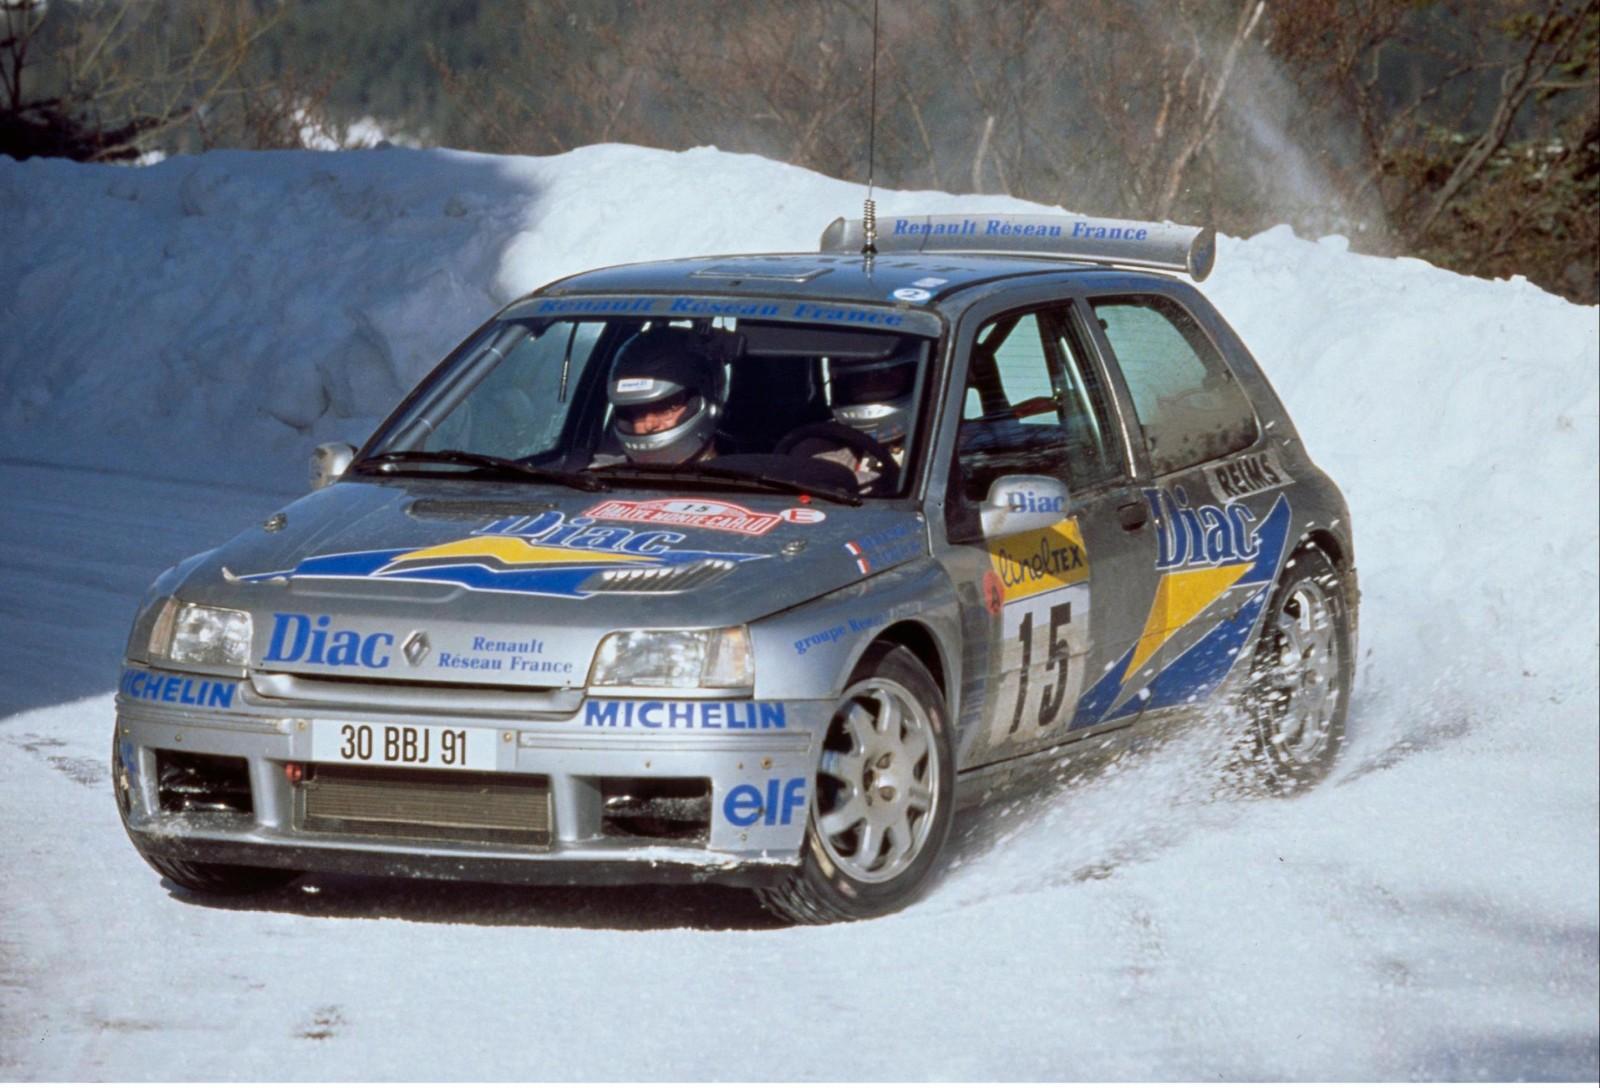 GTi-dödaren från Renault - Clio Williams